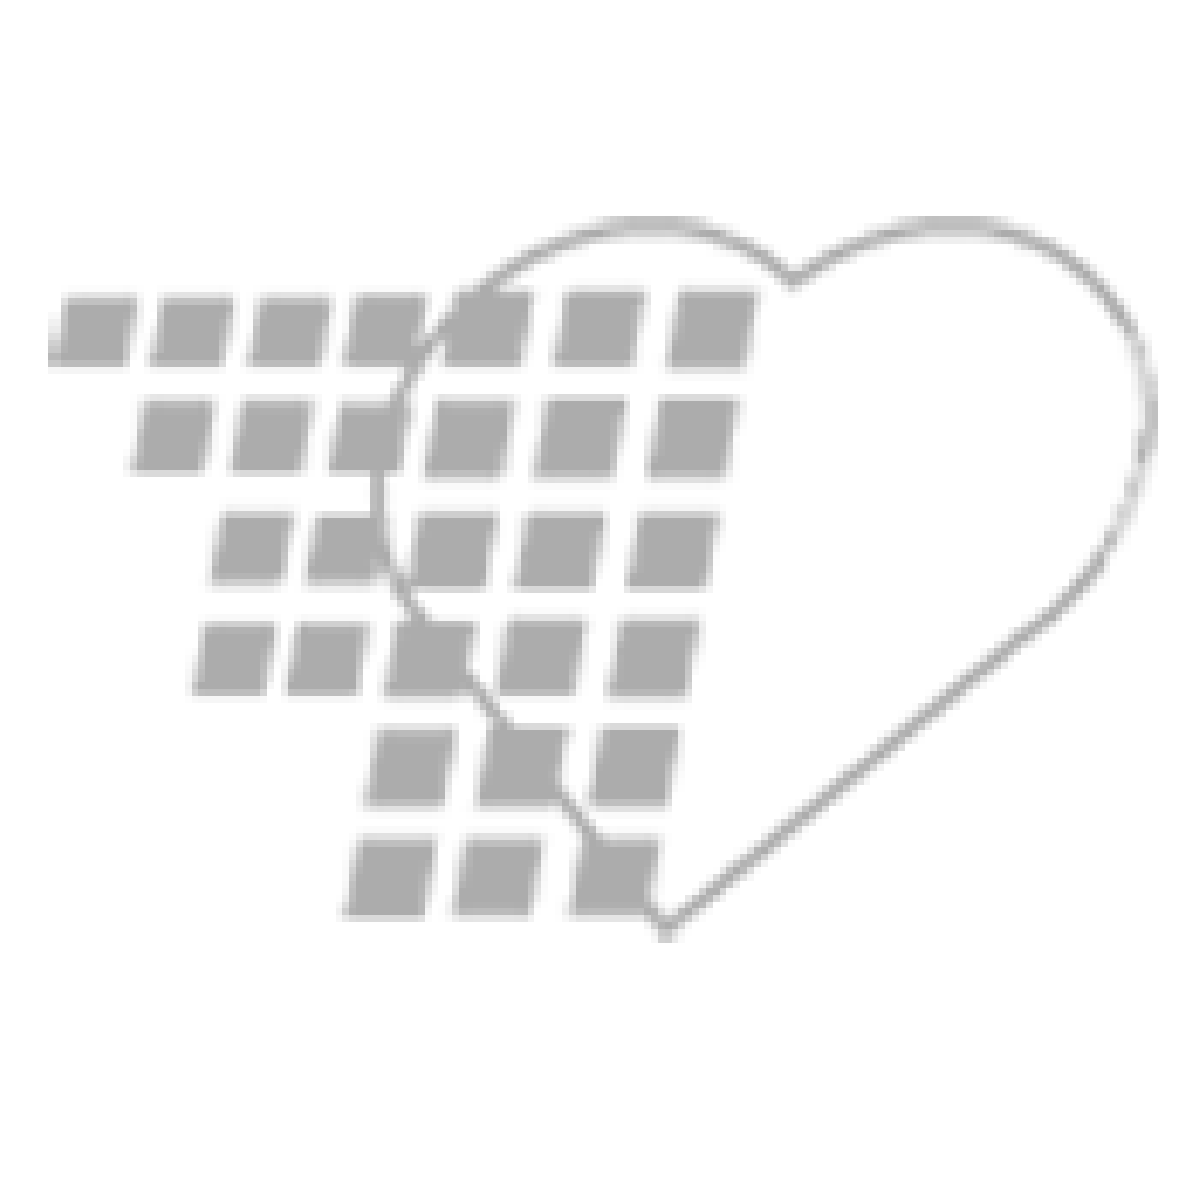 """05-51-1100-2IN - Dermacea   Gauze Roll - 2-Ply 2"""" x 4 yd - Sterile"""